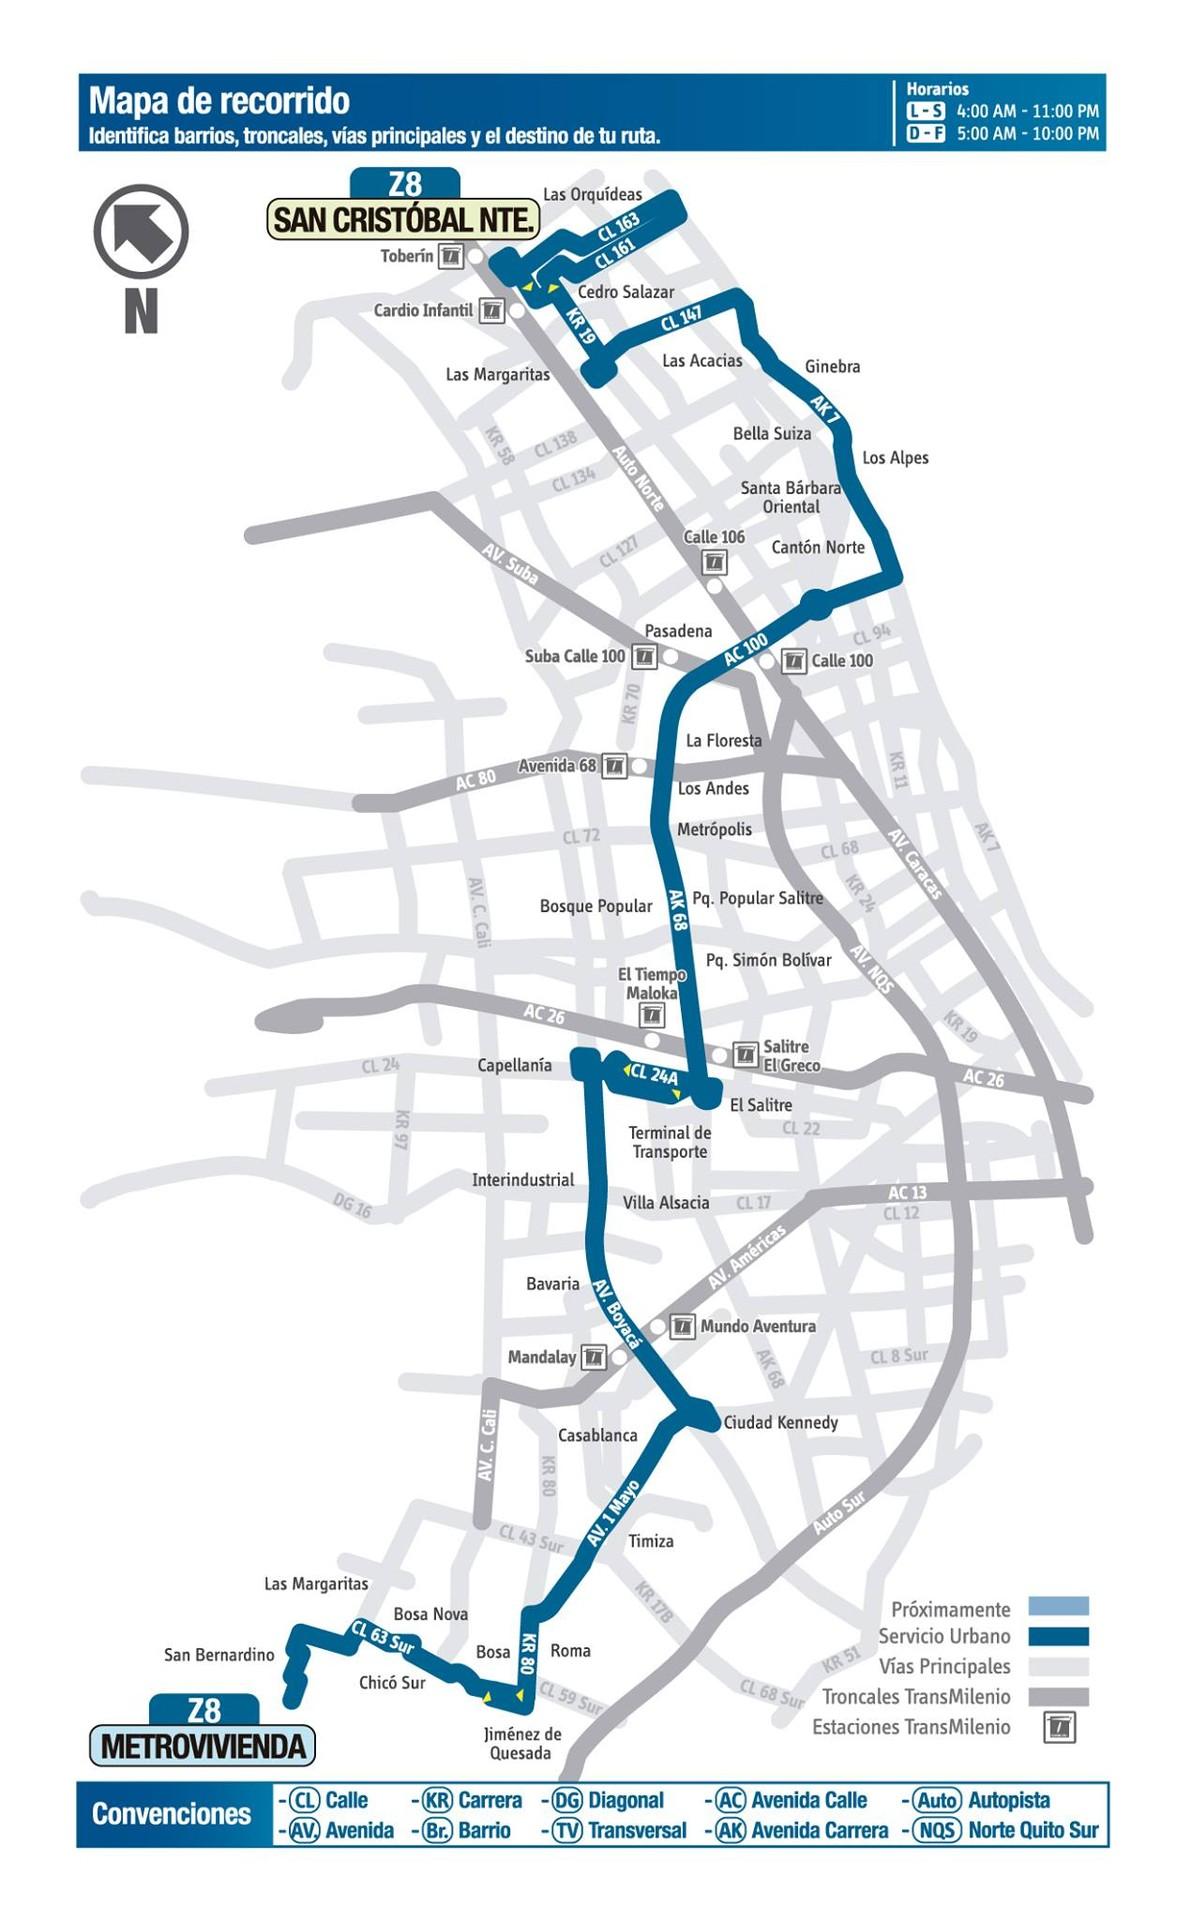 Urbana Z8 modifica parte del recorrido en Usaquén